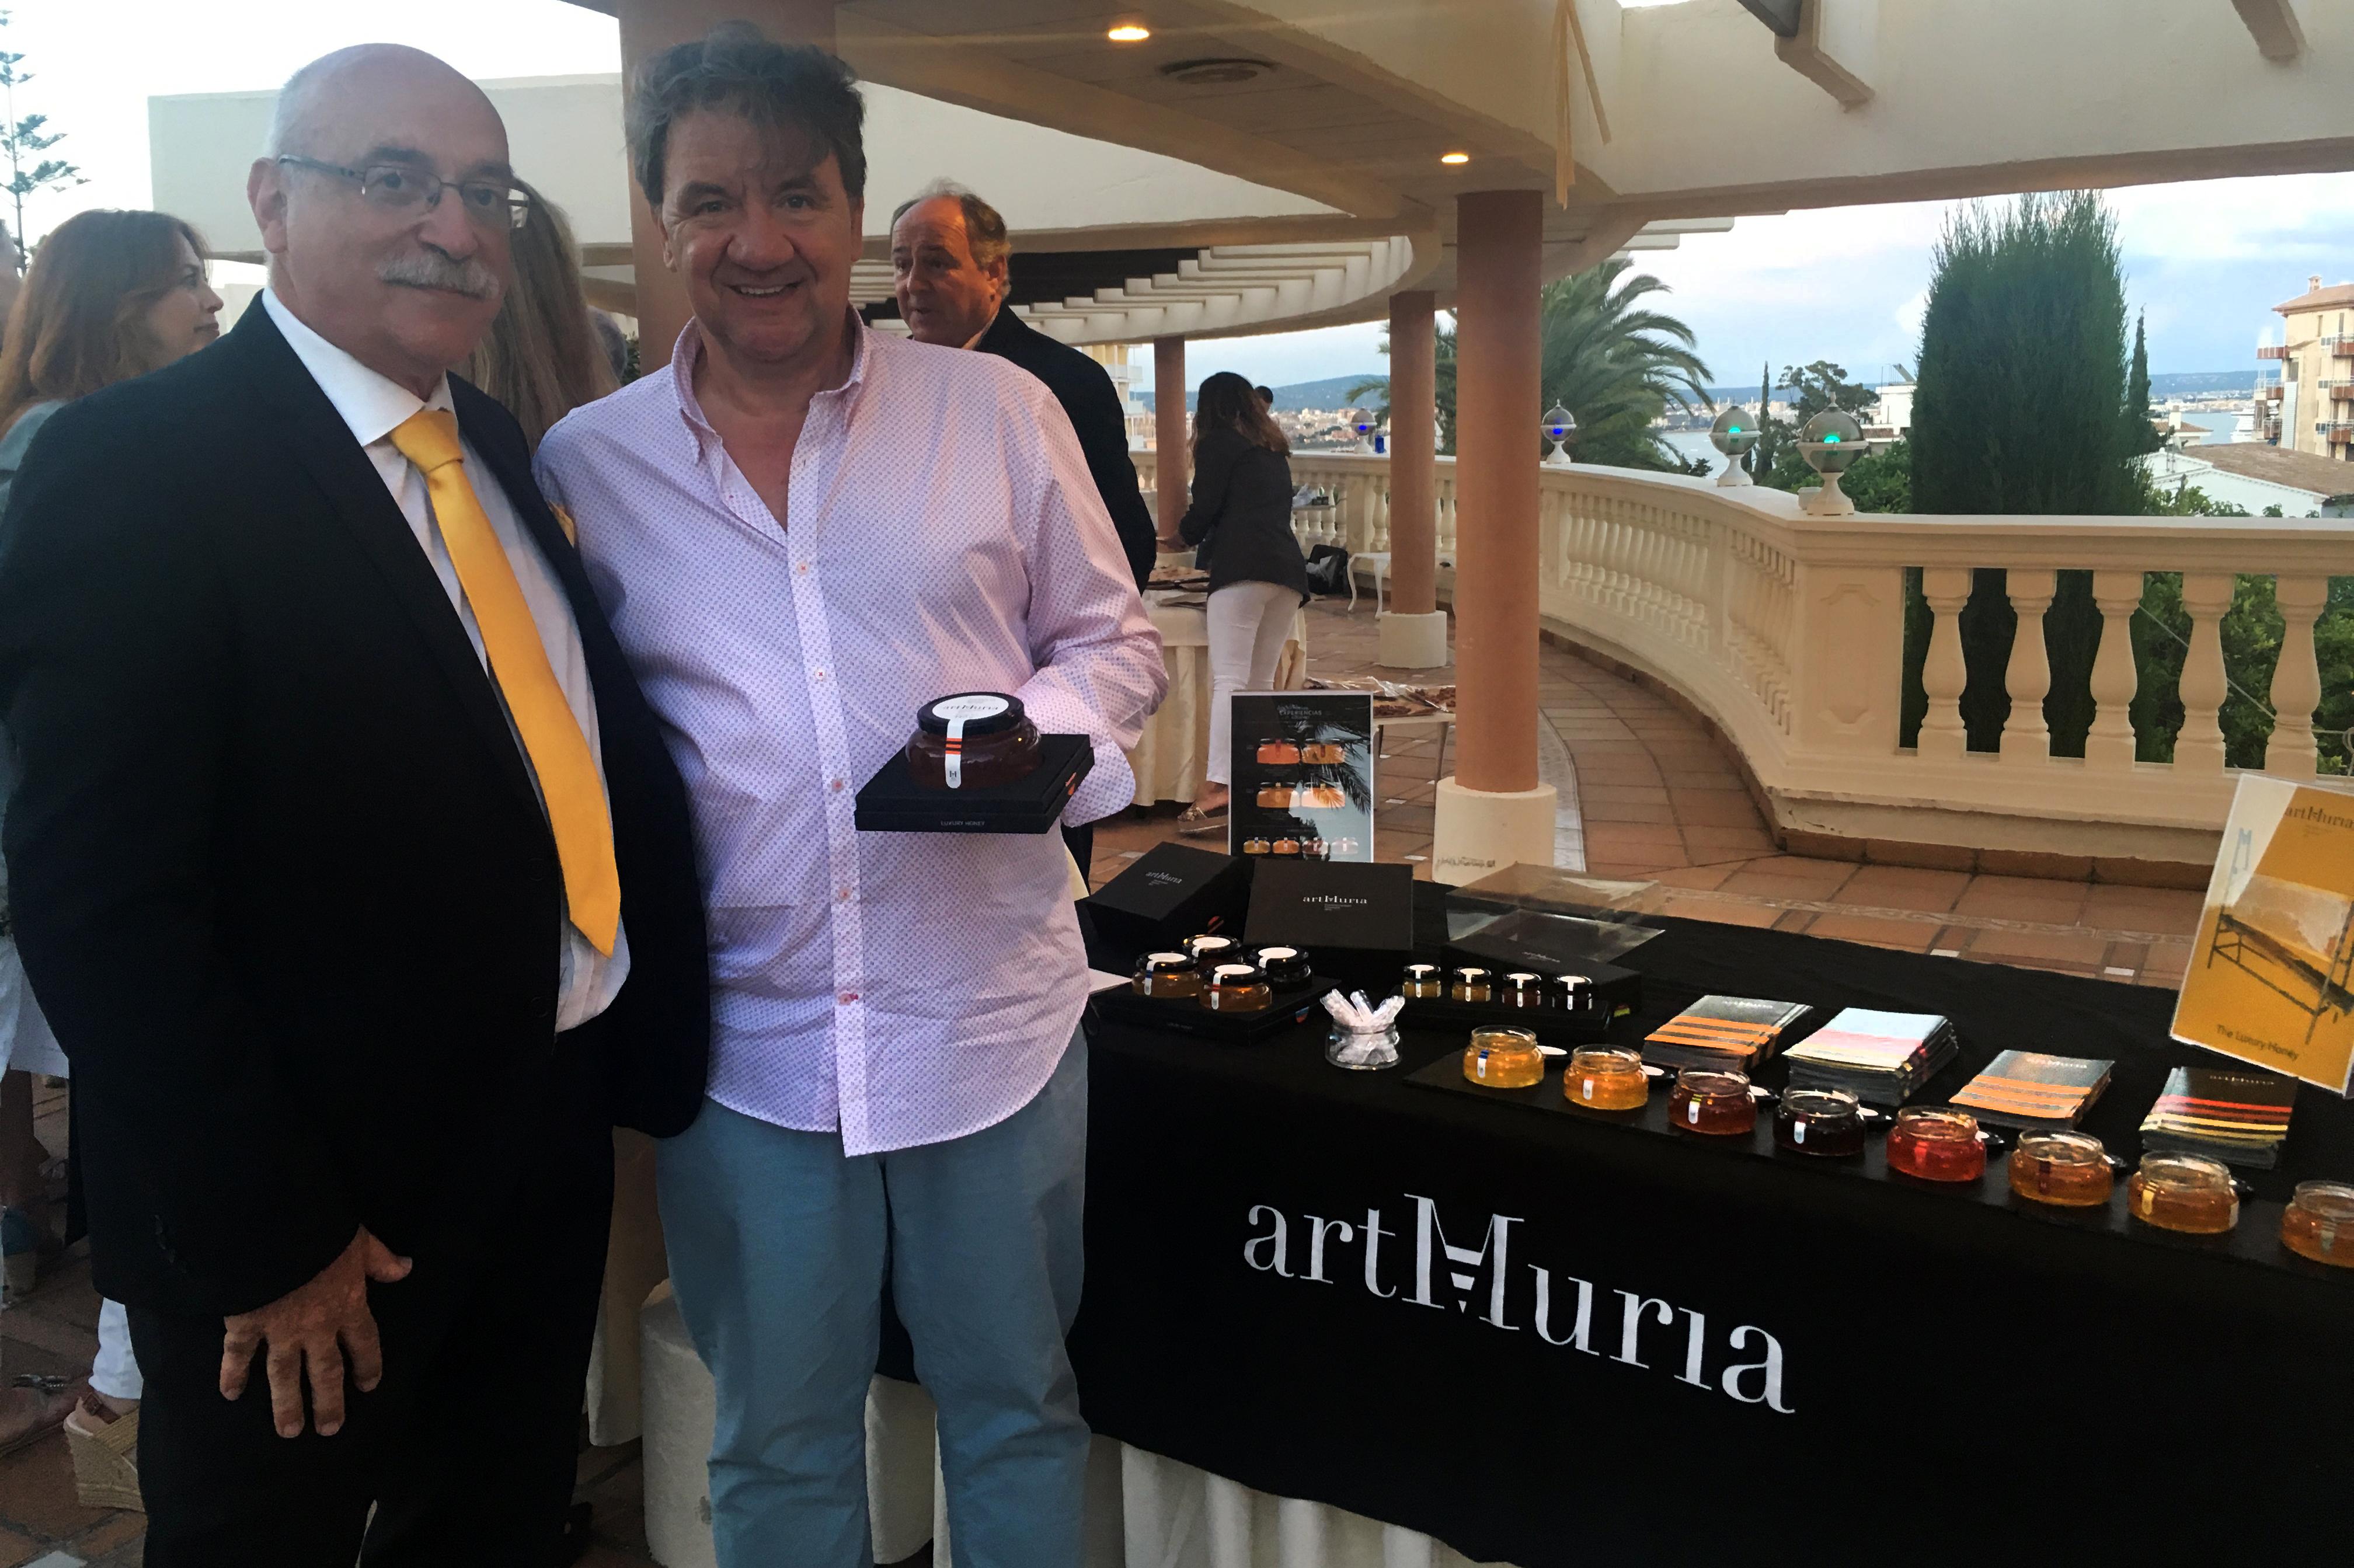 Degustació artMuria a l'esdeveniment Taste of Spain, Palma de Mallorca